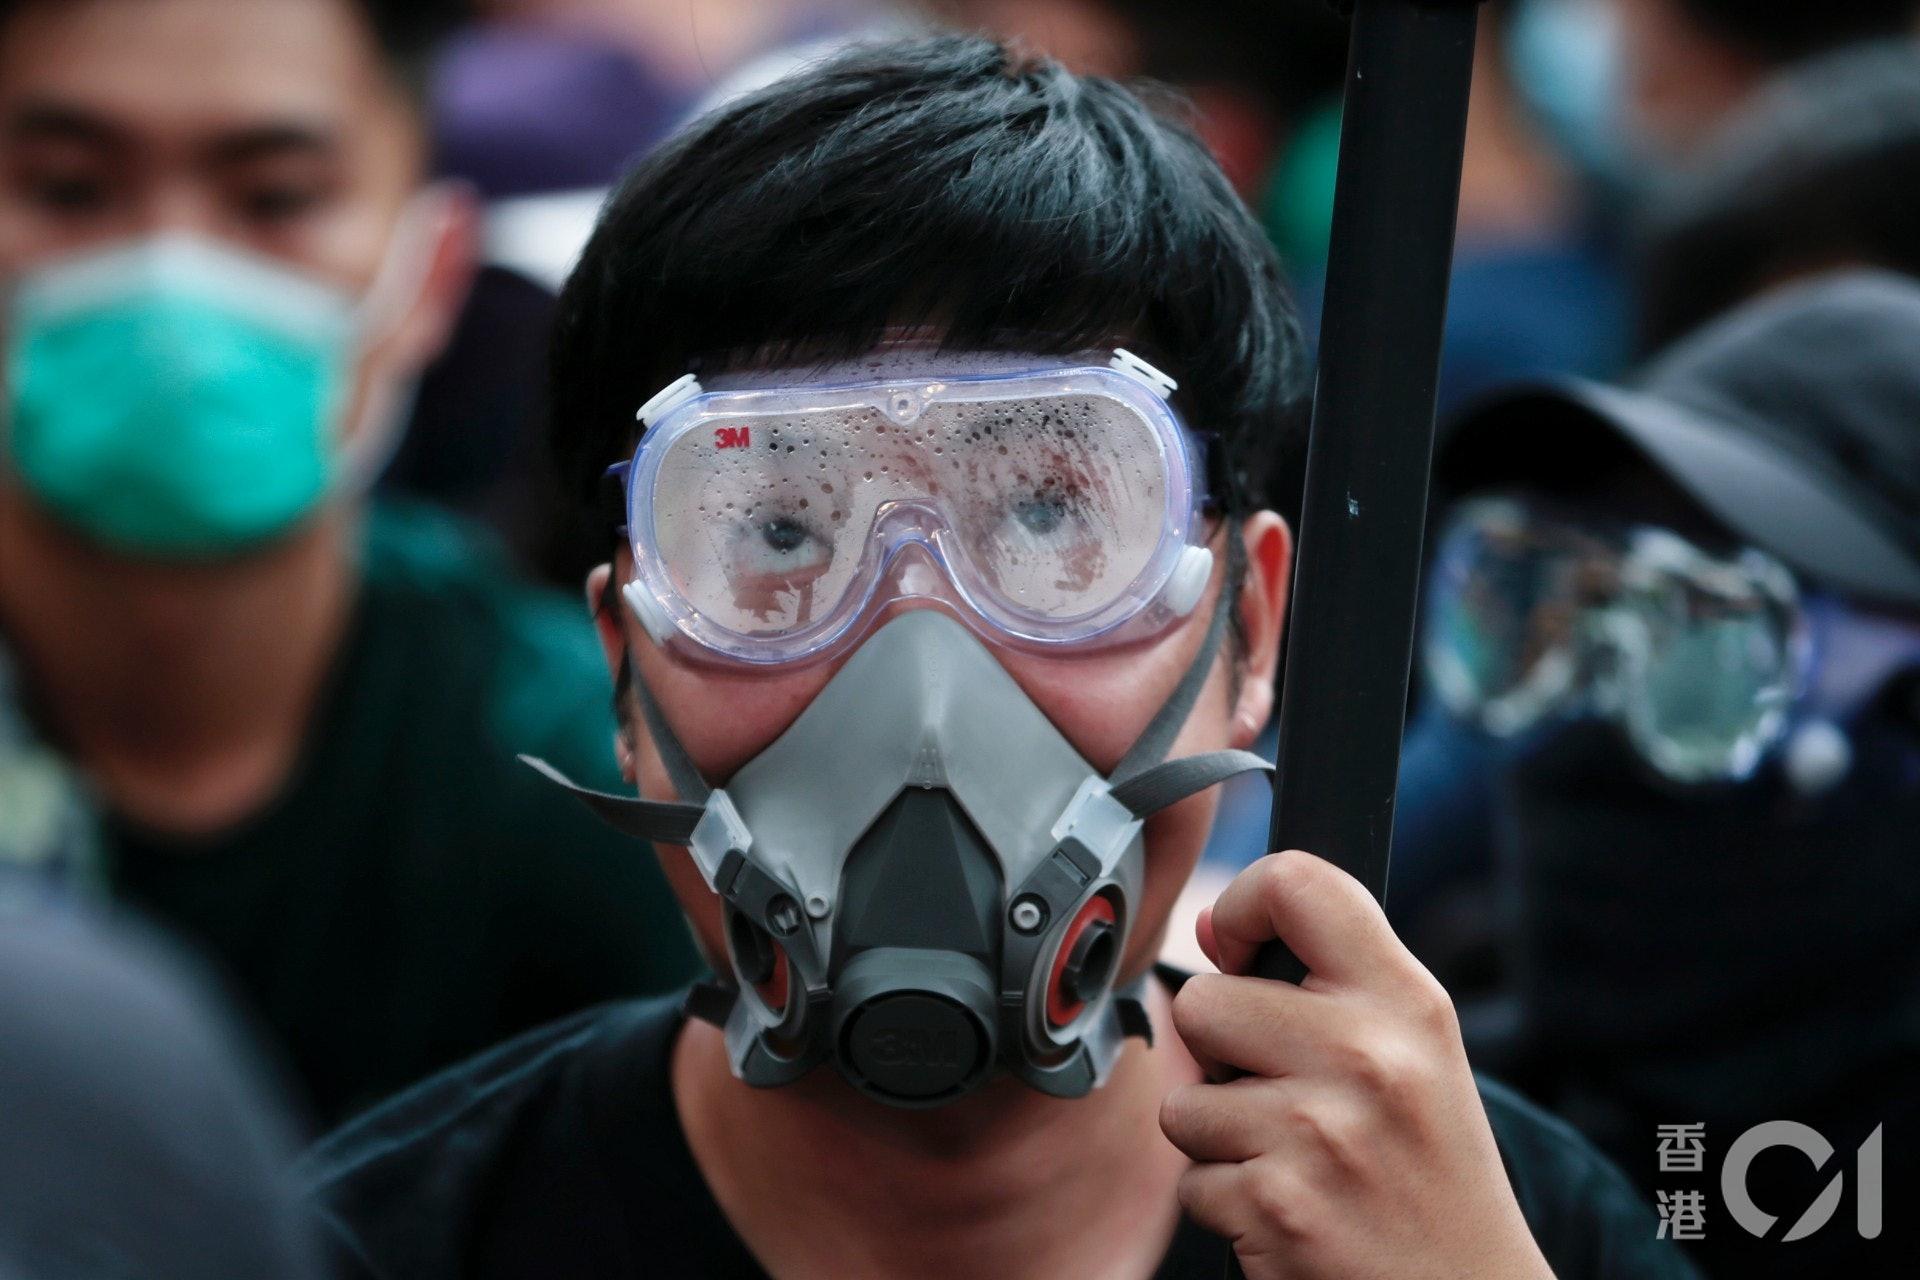 有學生戴眼罩、豬嘴參與集會。(李澤彤攝)